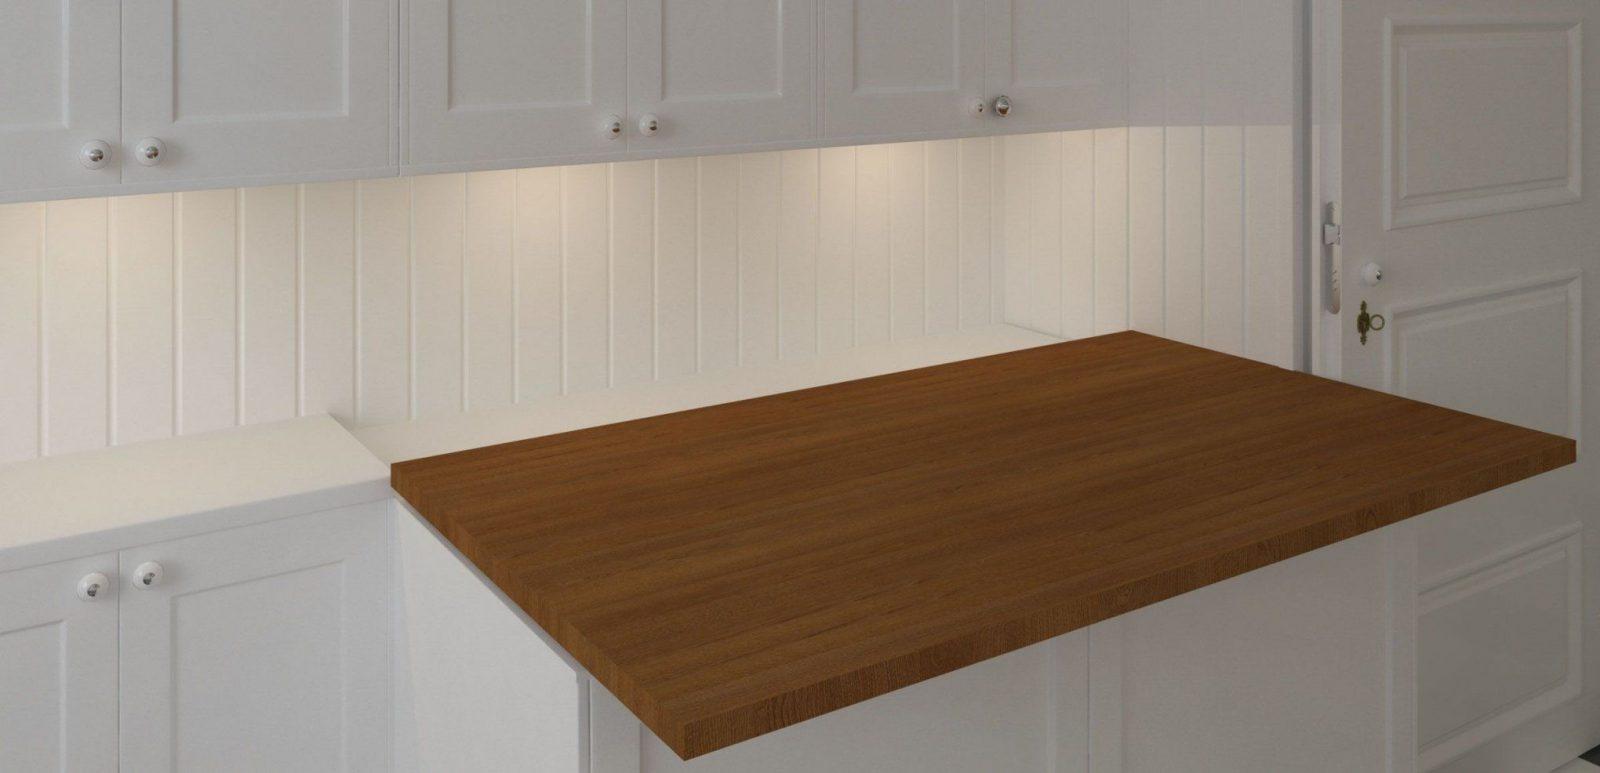 Kchenarbeitsplatten Nach Ma Online Xwhatsappstatus For Ikea von Ikea Arbeitsplatte Auf Ma Photo